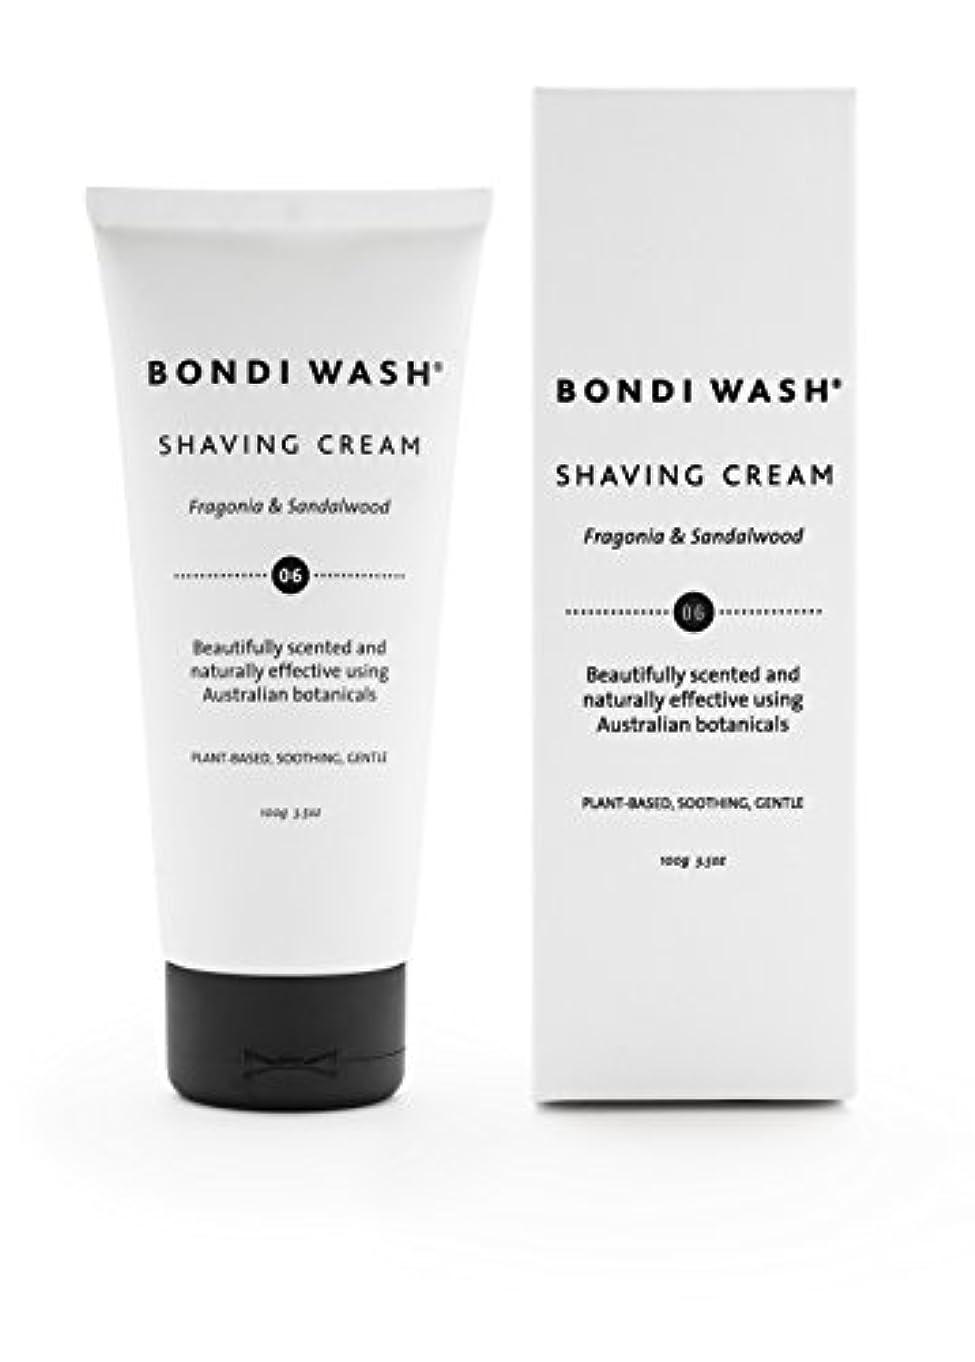 実証する超越する経度BONDI WASH シェイビングクリーム フラゴニア&サンダルウッド 100g